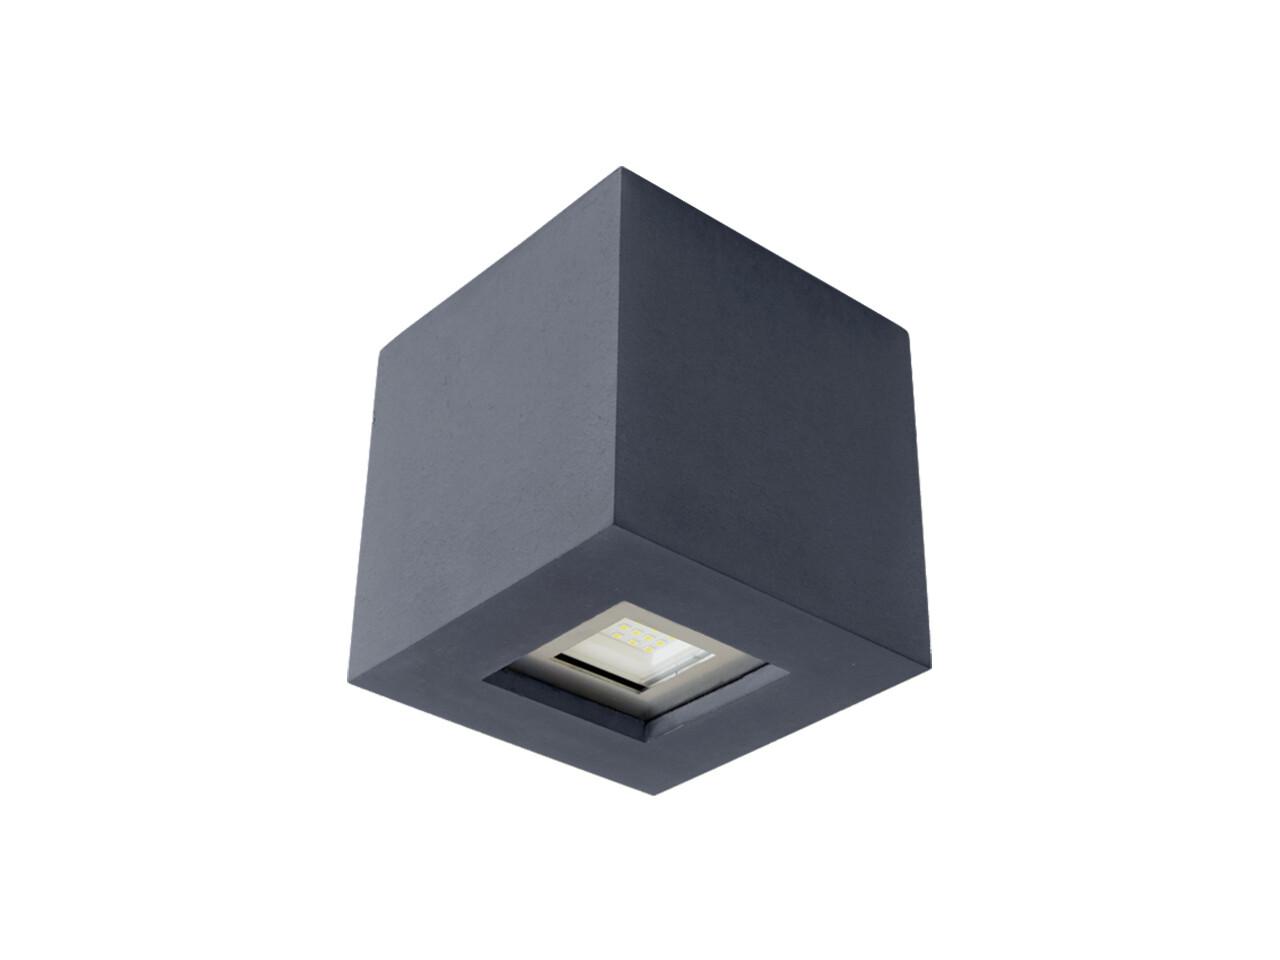 9010 Deckenleuchte 1094 LED 10W, IP65, weiss